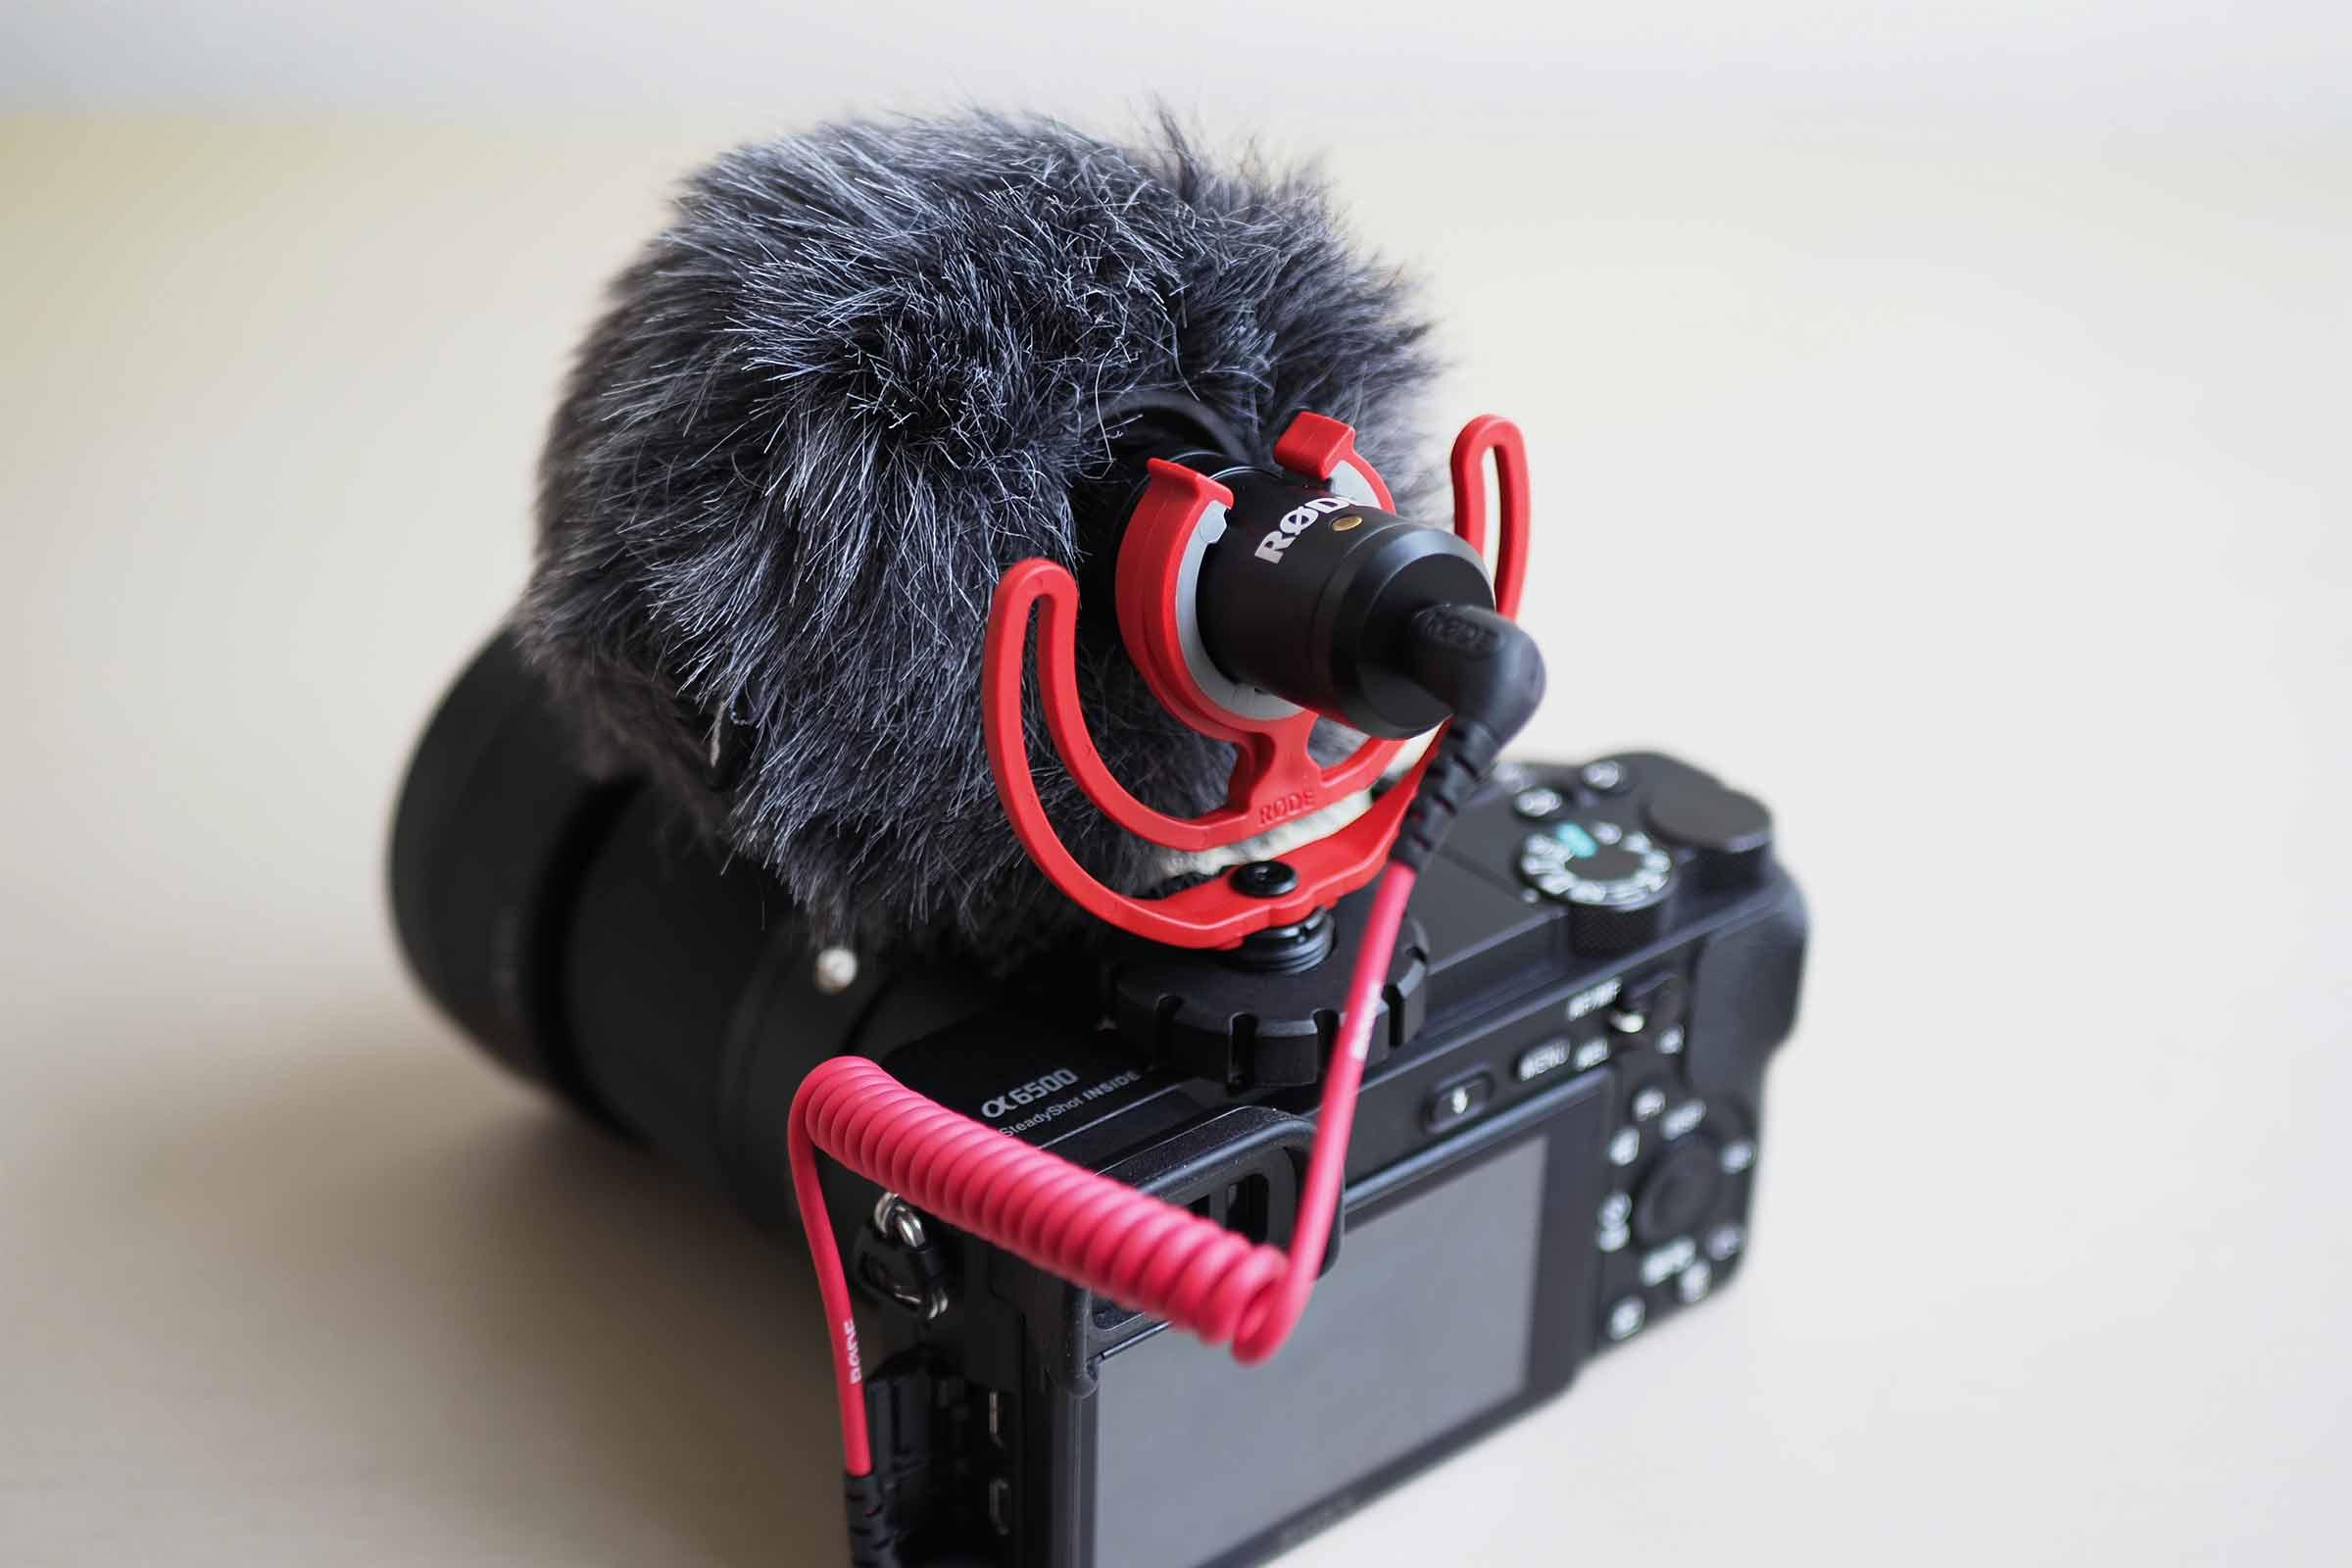 外部マイク,road,videomicro,ビデオマイクロ,一眼,vlog